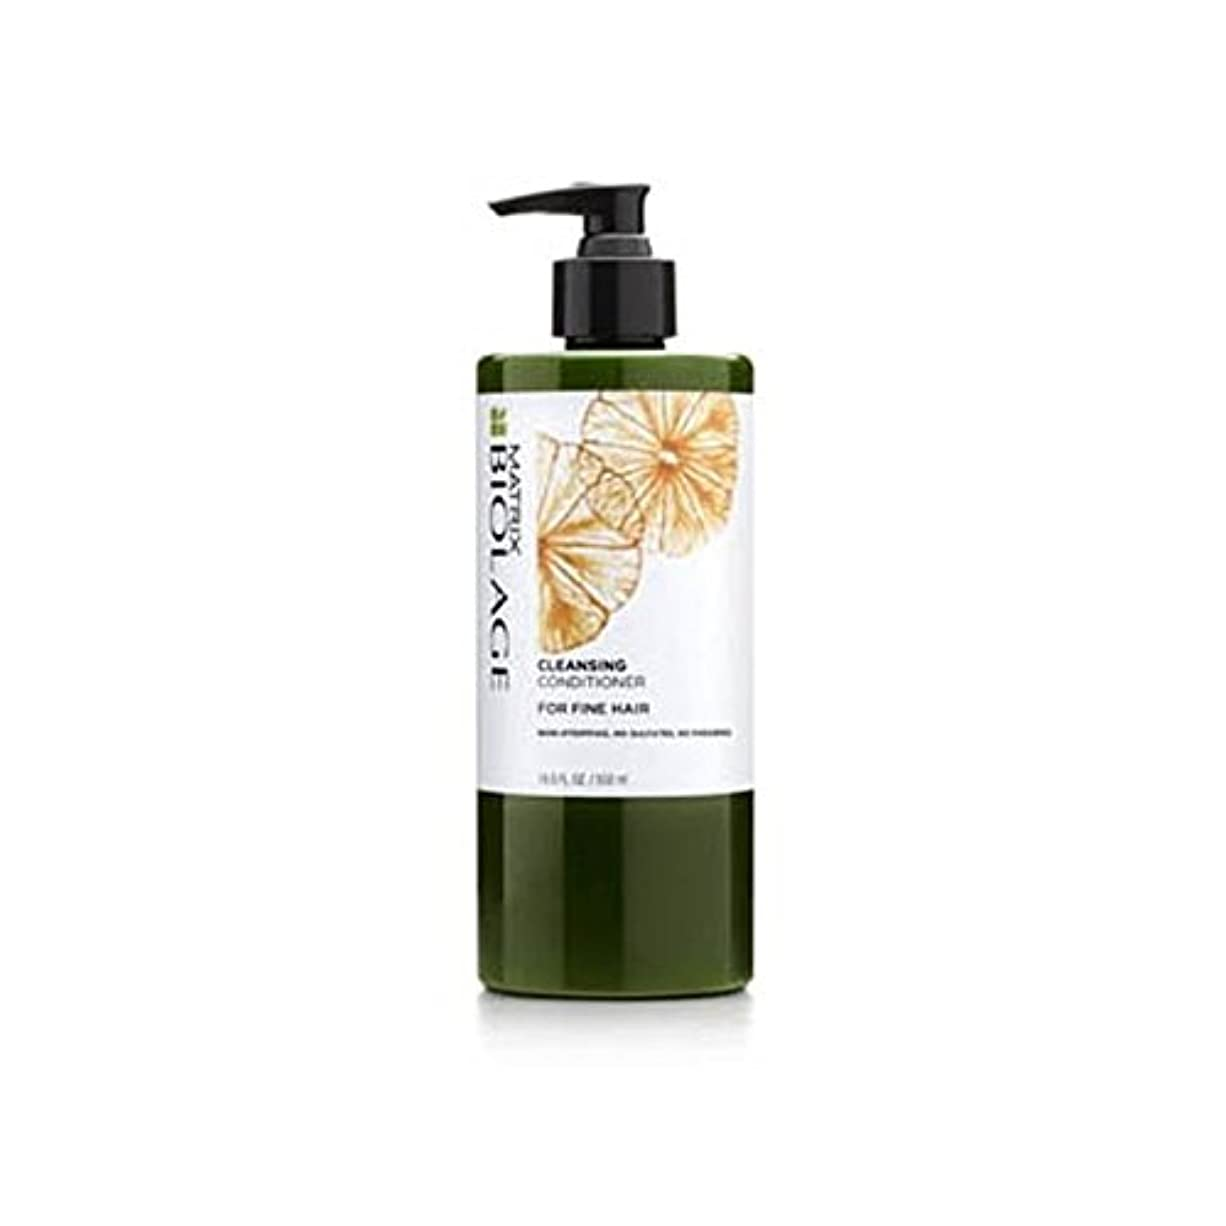 出撃者顧問退屈なMatrix Biolage Cleansing Conditioner - Fine Hair (500ml) (Pack of 6) - マトリックスバイオレイジクレンジングコンディショナー - 細い髪(500ミリリットル...